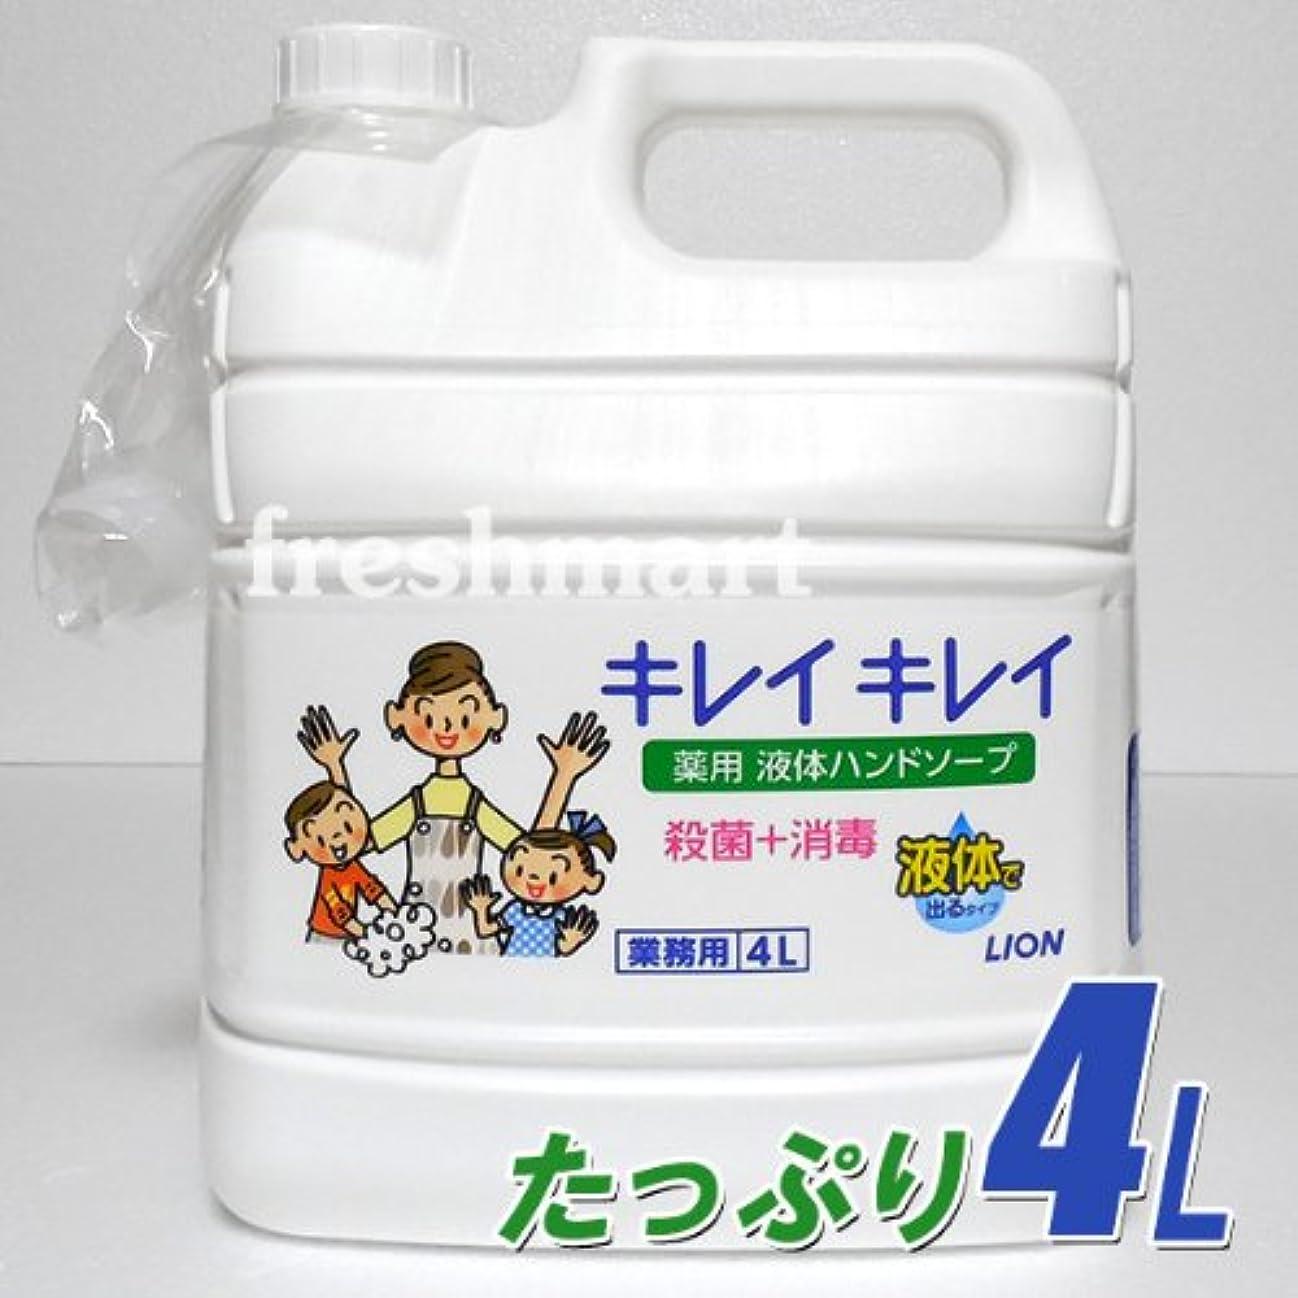 インチ舞い上がる穴☆100%植物性洗浄成分使用☆ ライオン キレイキレイ 薬用液体ハンドソープ つめかえ用4L 業務用 大容量 ボトル